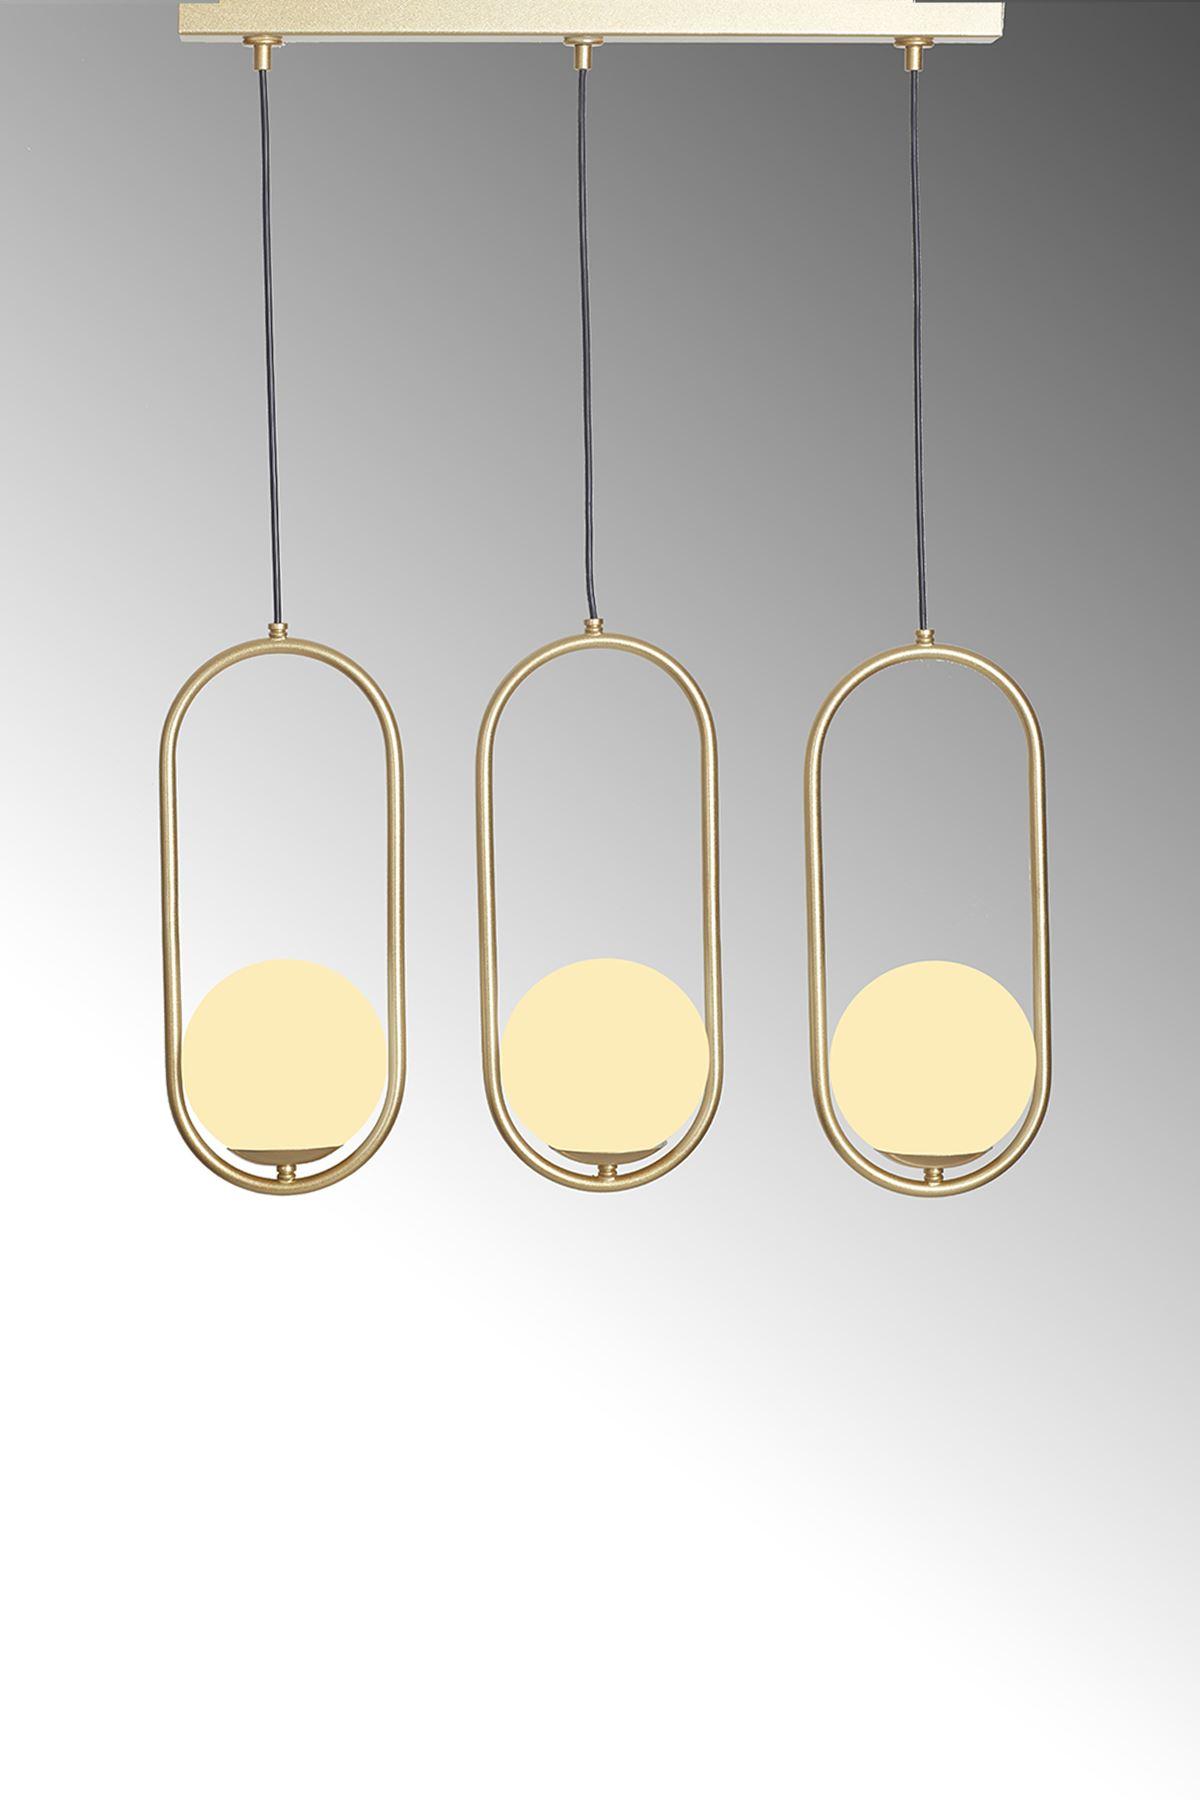 Zenga  3 Lü Sarı Metal Gövde Beyaz Camlı  Tasarım Lüx  Sıralı Avize